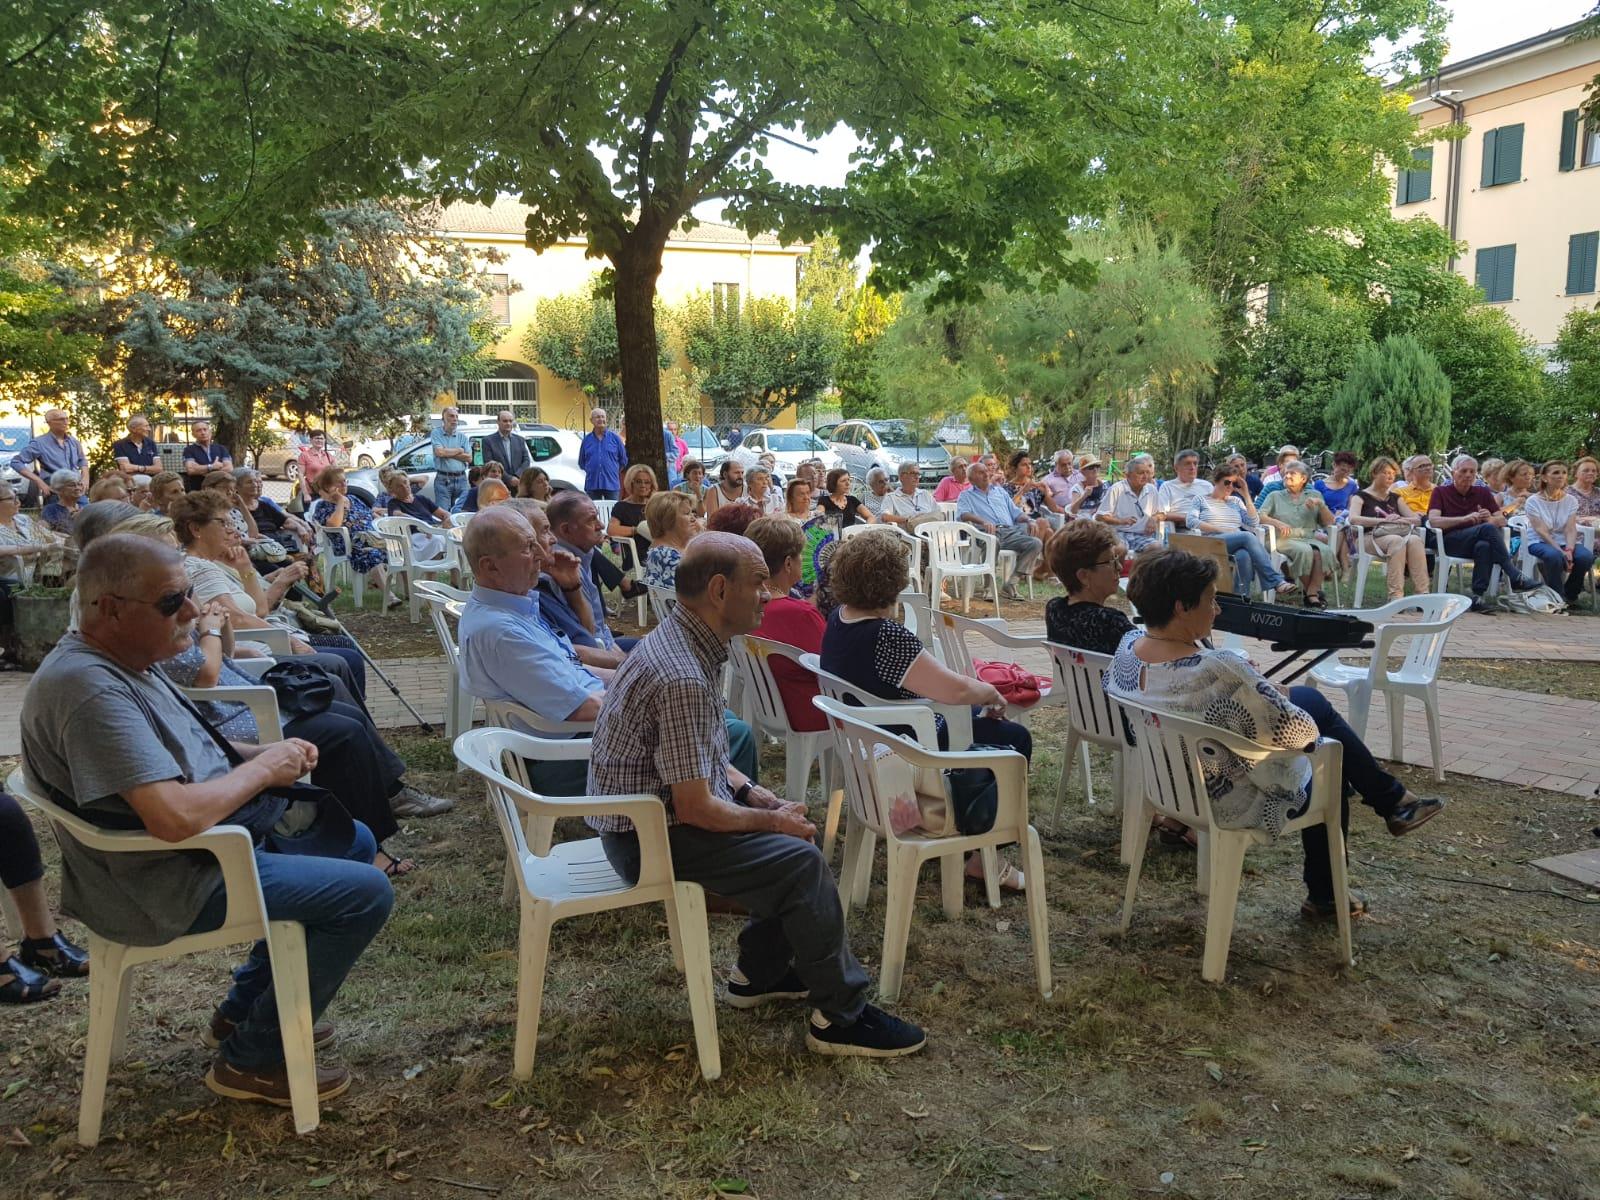 Festa S. Anna 2019 - Messa Inaugurazione (1)